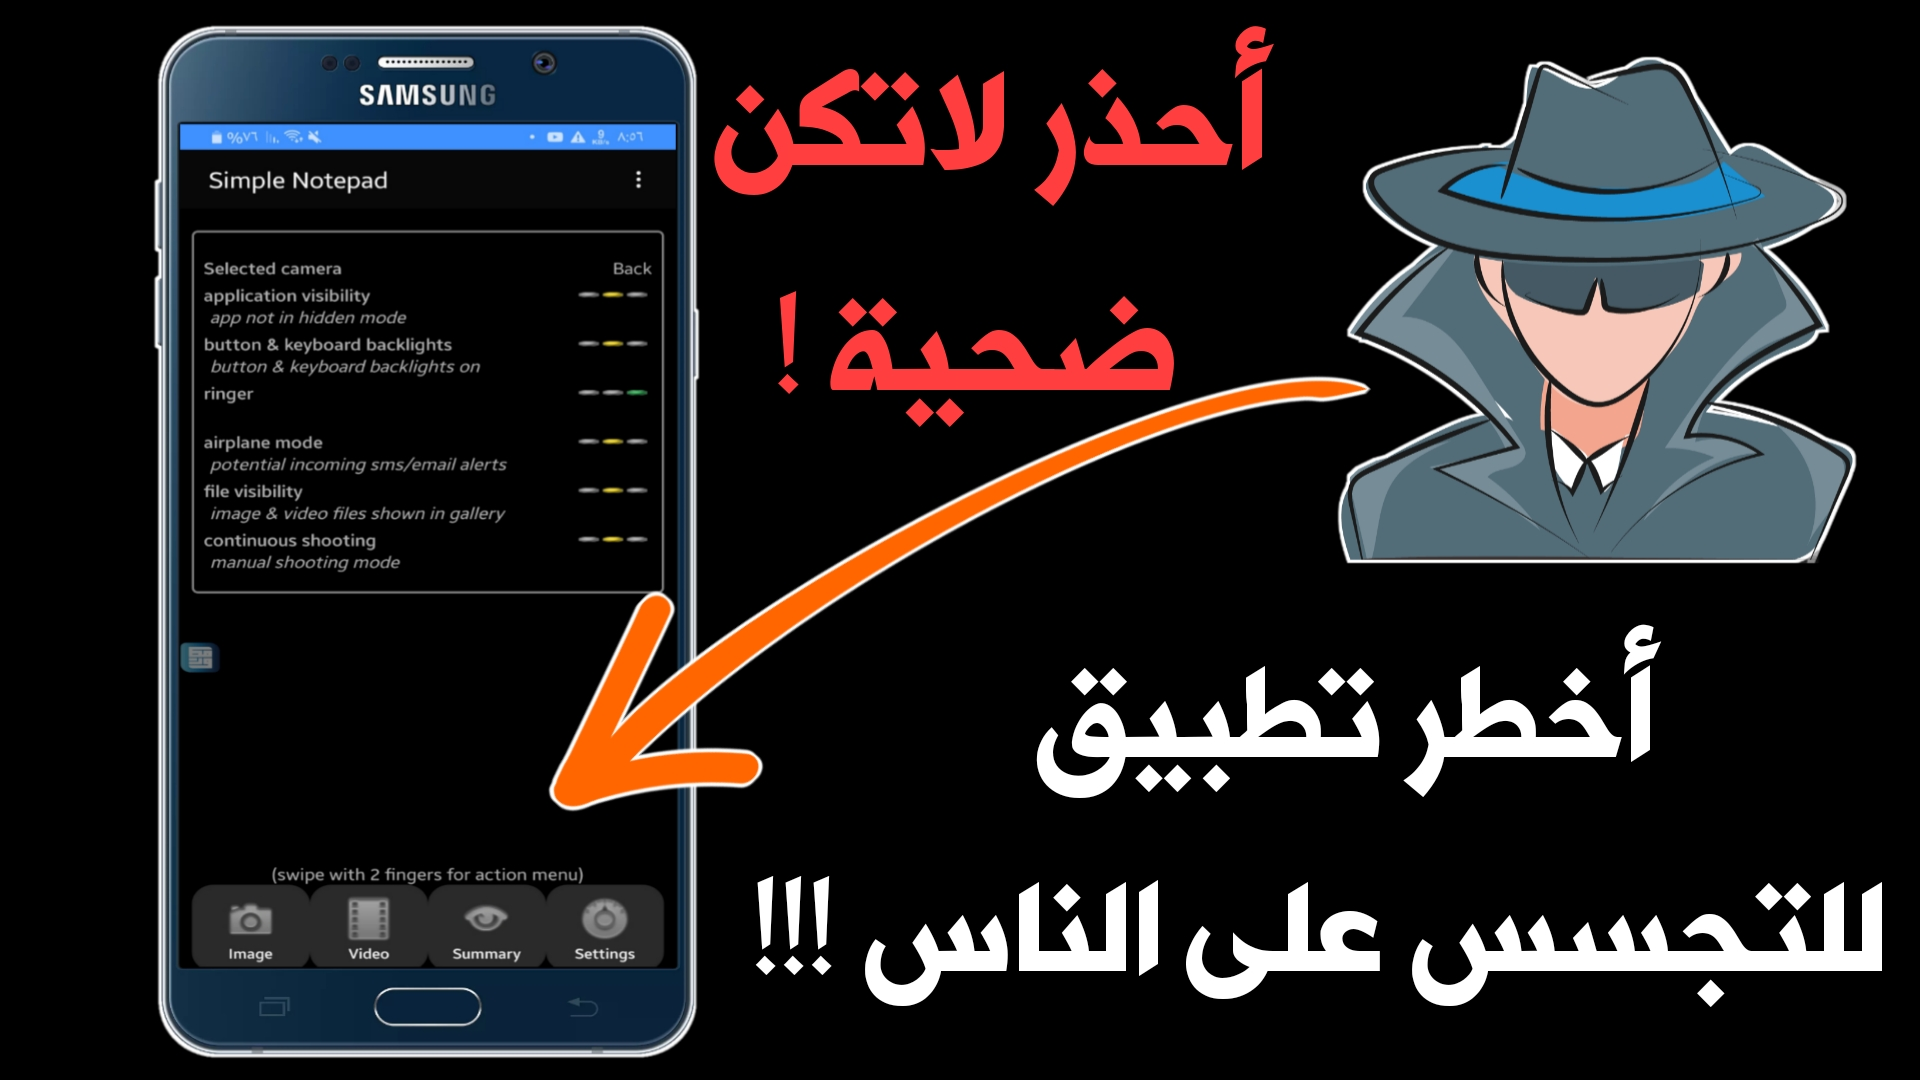 آخطر تطبيق في العالم ! لا تكون ضحية هذا التطبيق !!! تطبيق للتجسس على الناس بضغطة زر !